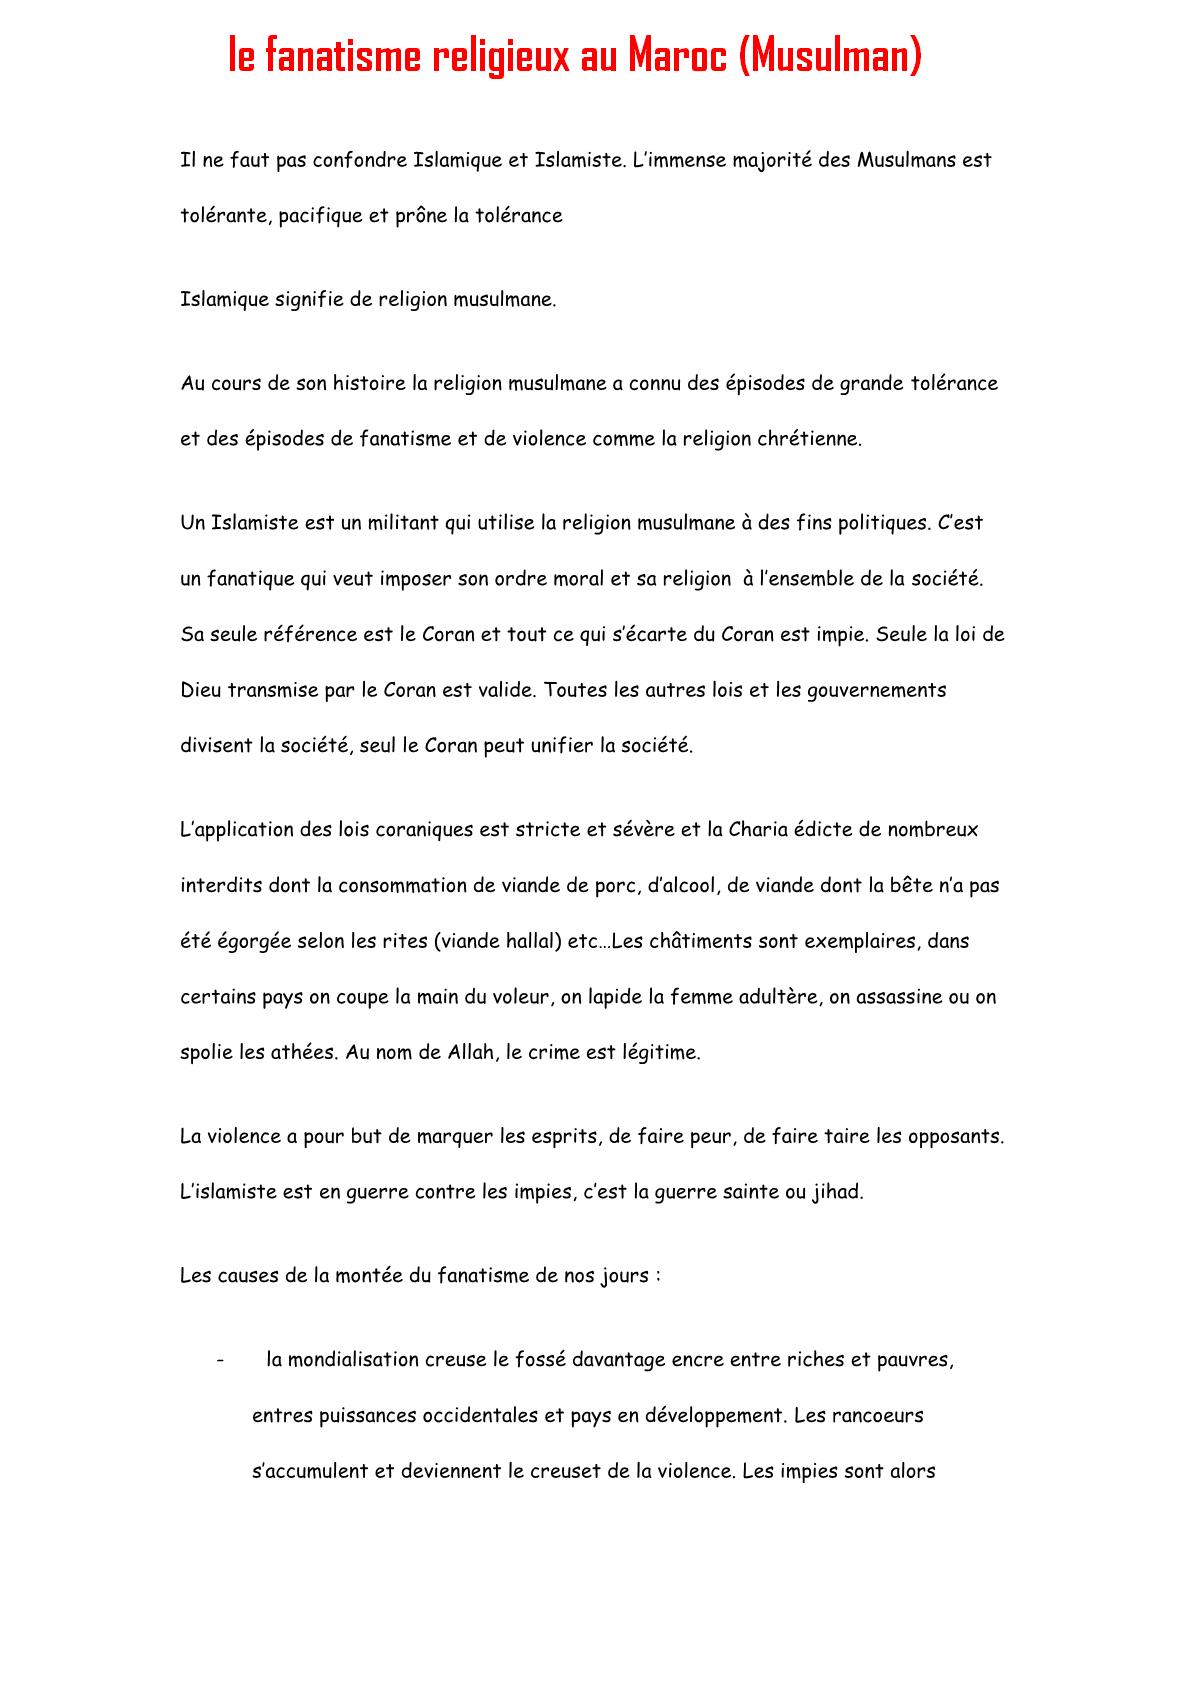 Expression écrite sur le fanatisme religieux au Maroc (Musulman)